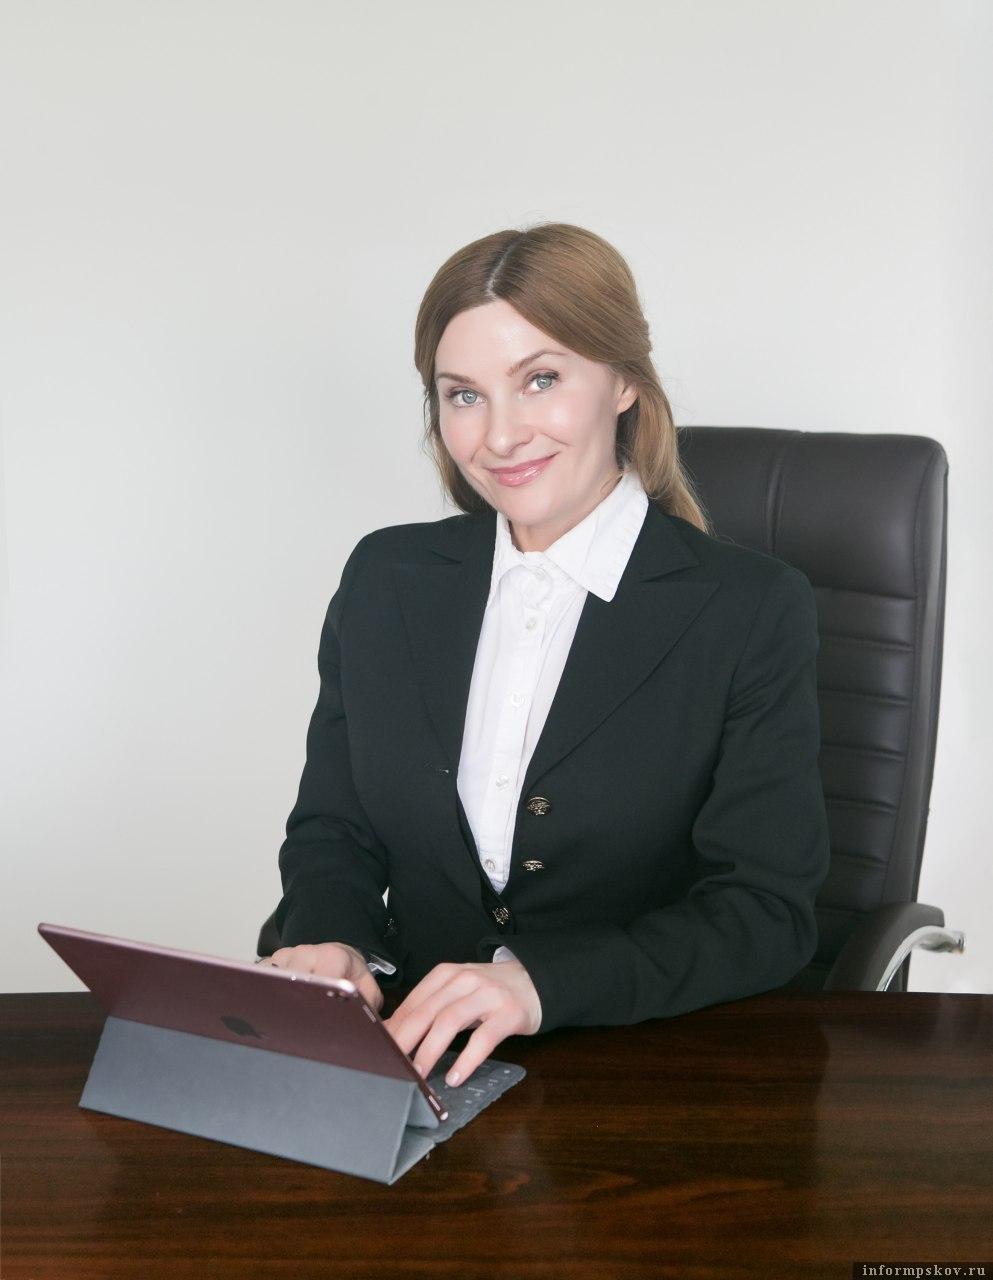 Наталья Юшко